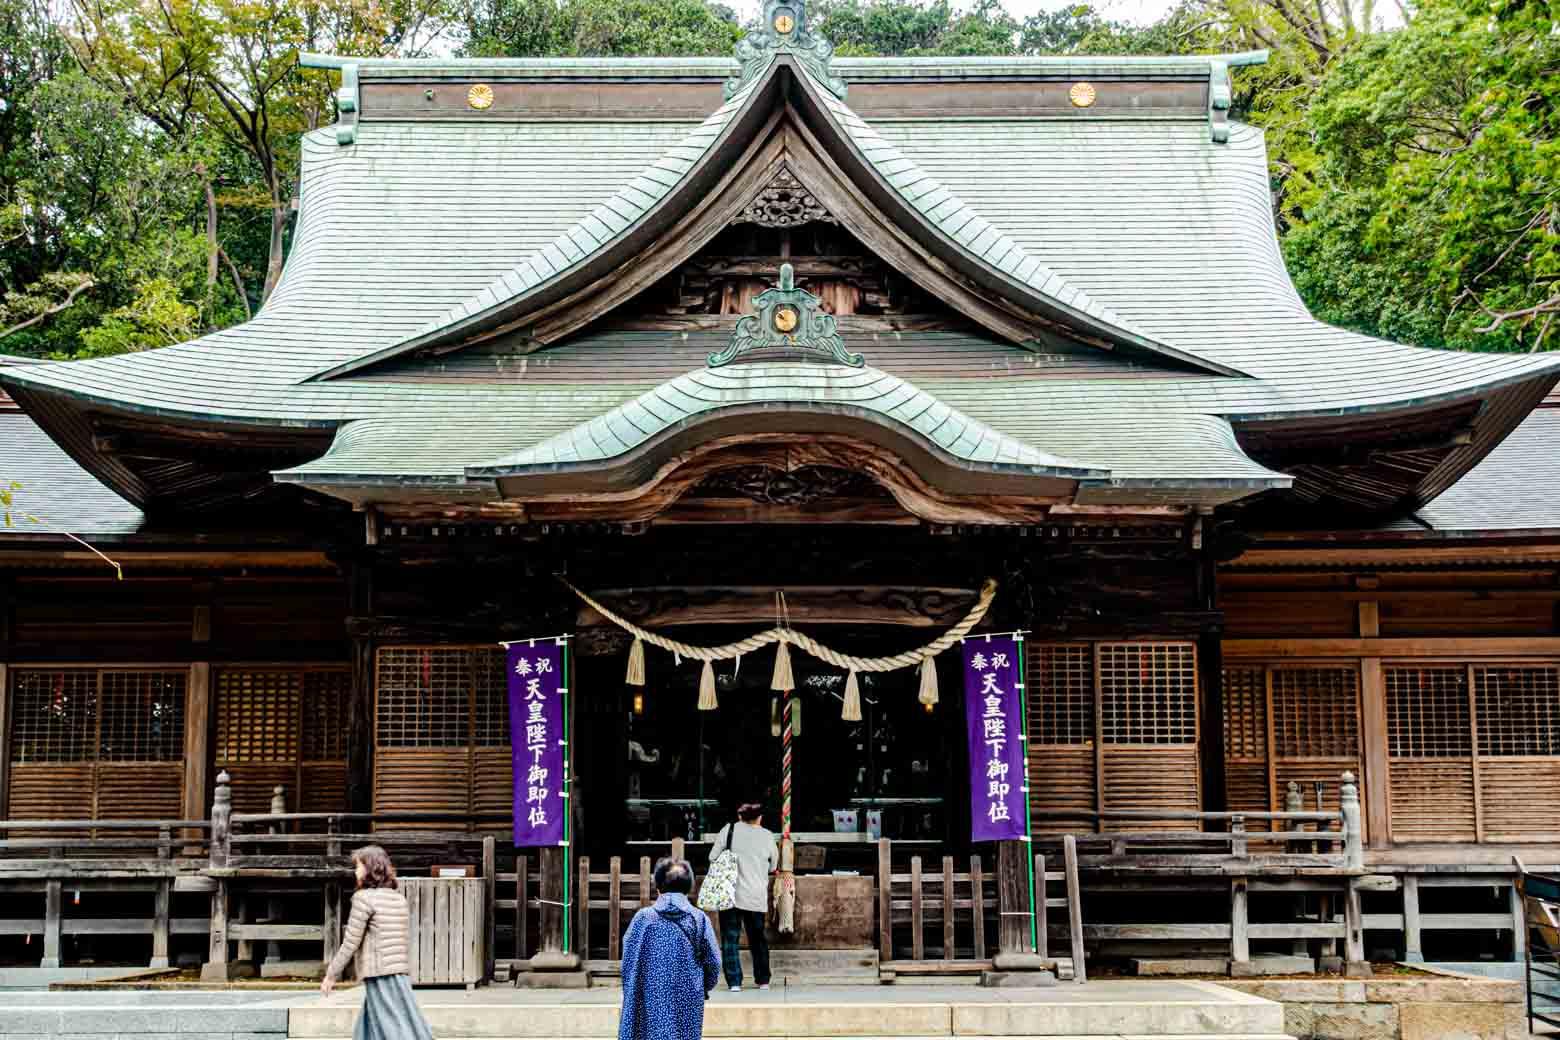 坂を上っていくと。最初の方で紹介した師岡熊野神社があります。〈横浜北部の総鎮守〉とされる御宮で、1300年近い歴史を有しています。周辺はとても静かで、神聖な空気が漂っていました。